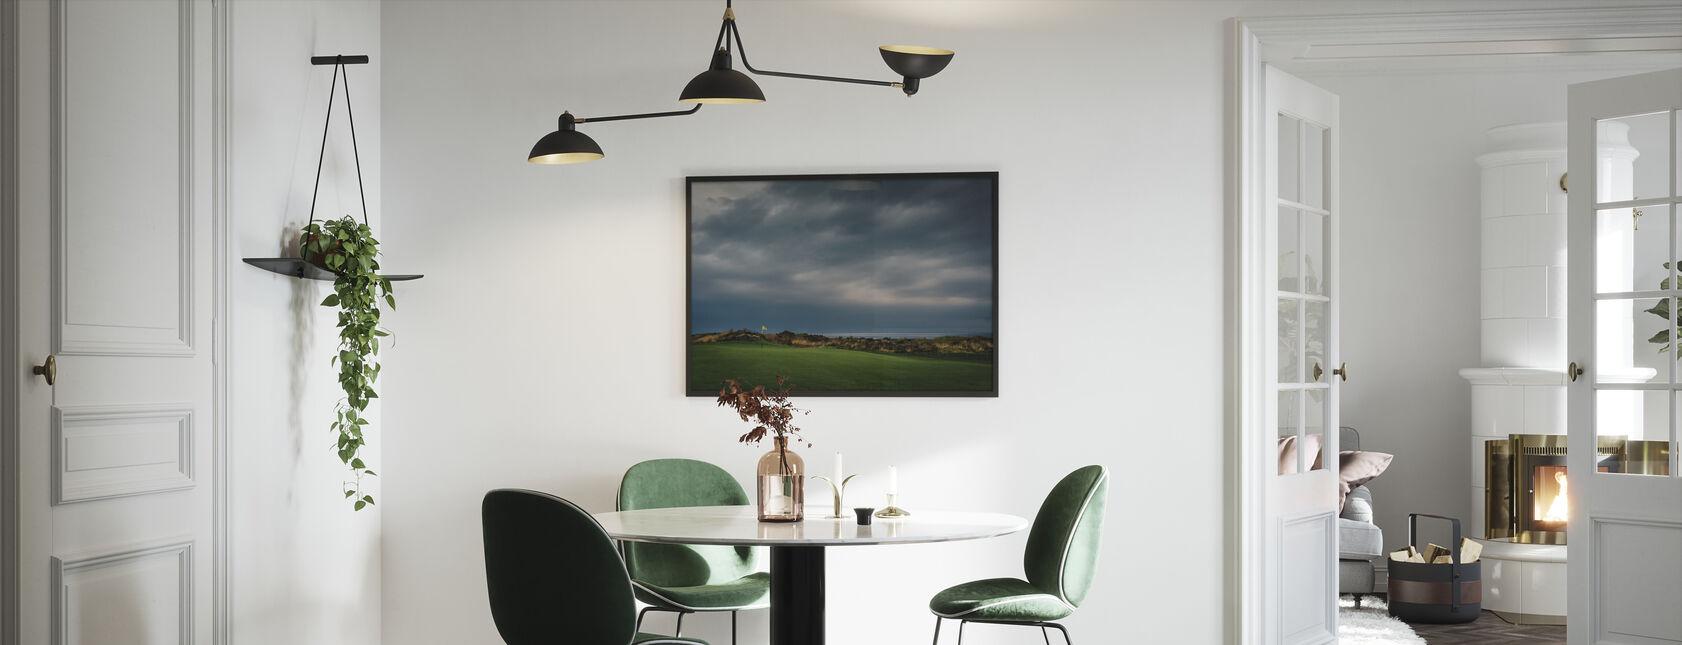 Golfbane i Lofoten, Norge - Innrammet bilde - Kjøkken